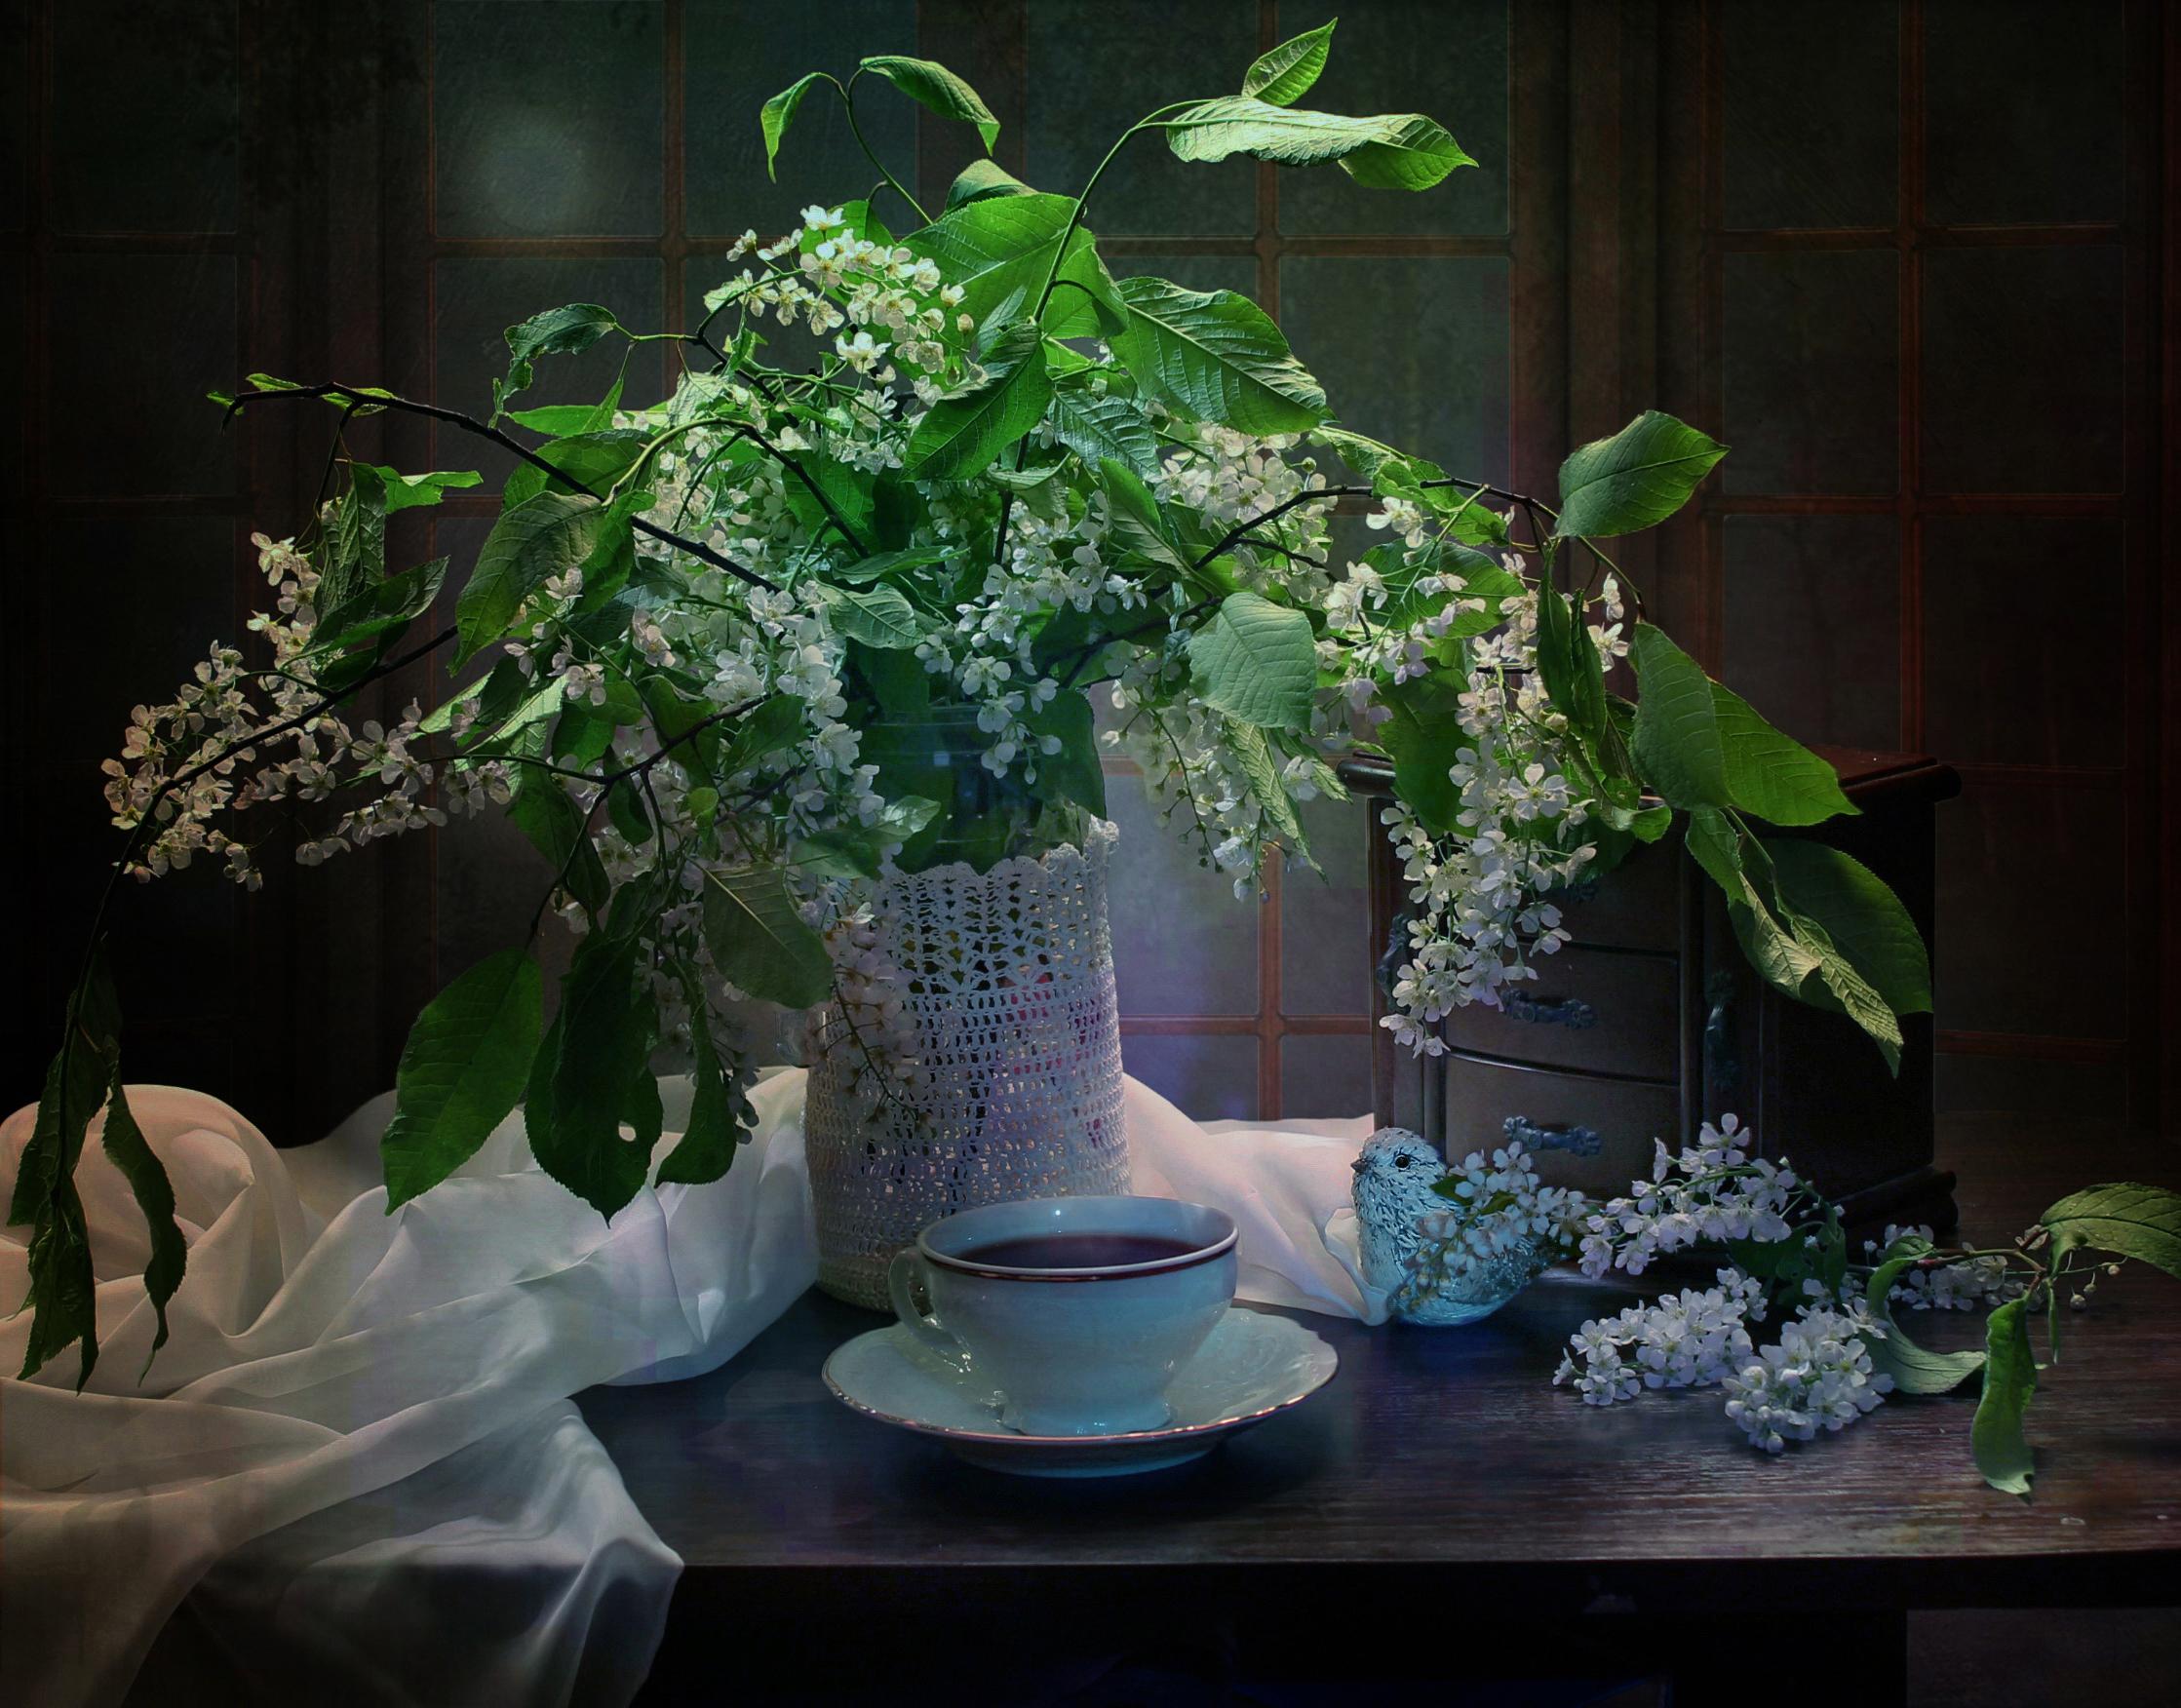 Картинка Чай цветок Ваза чашке на ветке Продукты питания Цветущие деревья Цветы Еда вазе вазы Пища Чашка ветка ветвь Ветки